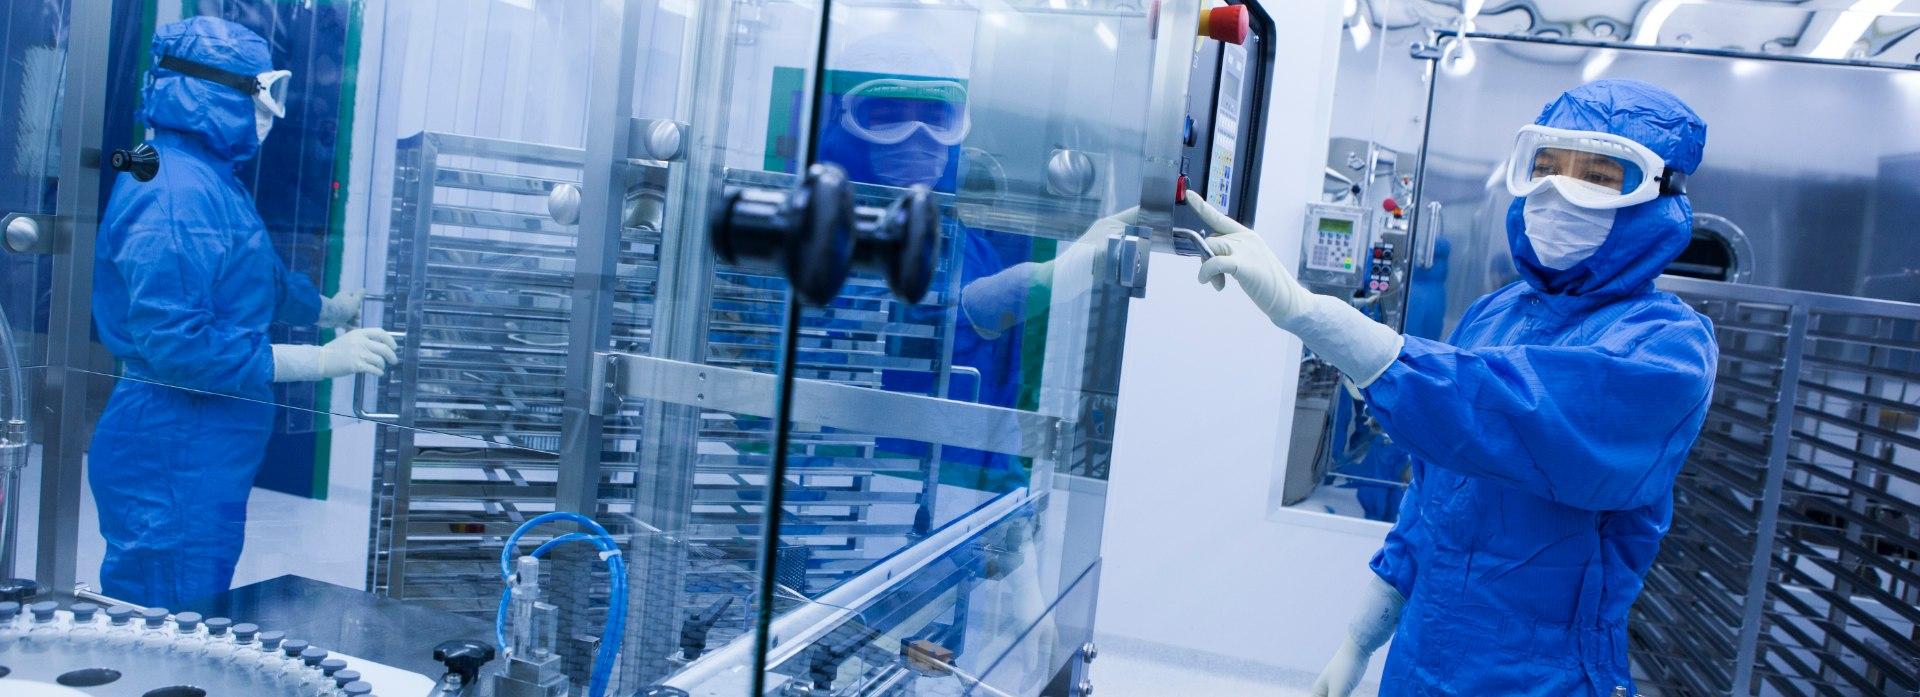 Industrie de la santé